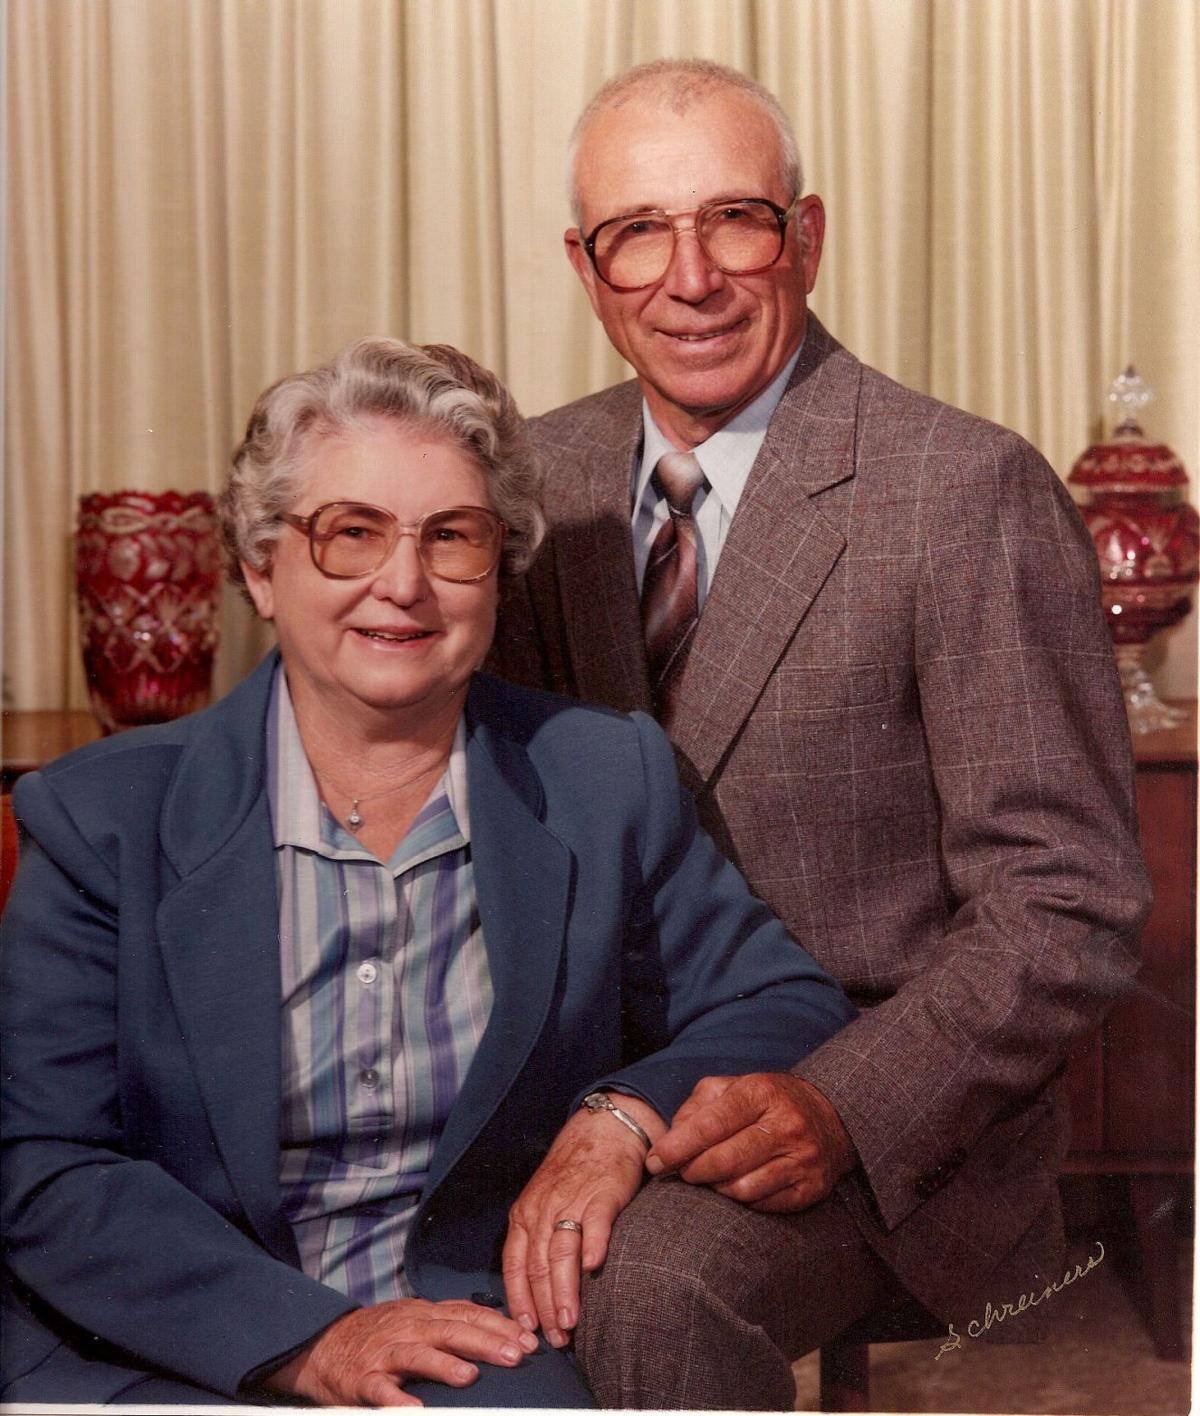 ELLEN and CLINTON POTTER